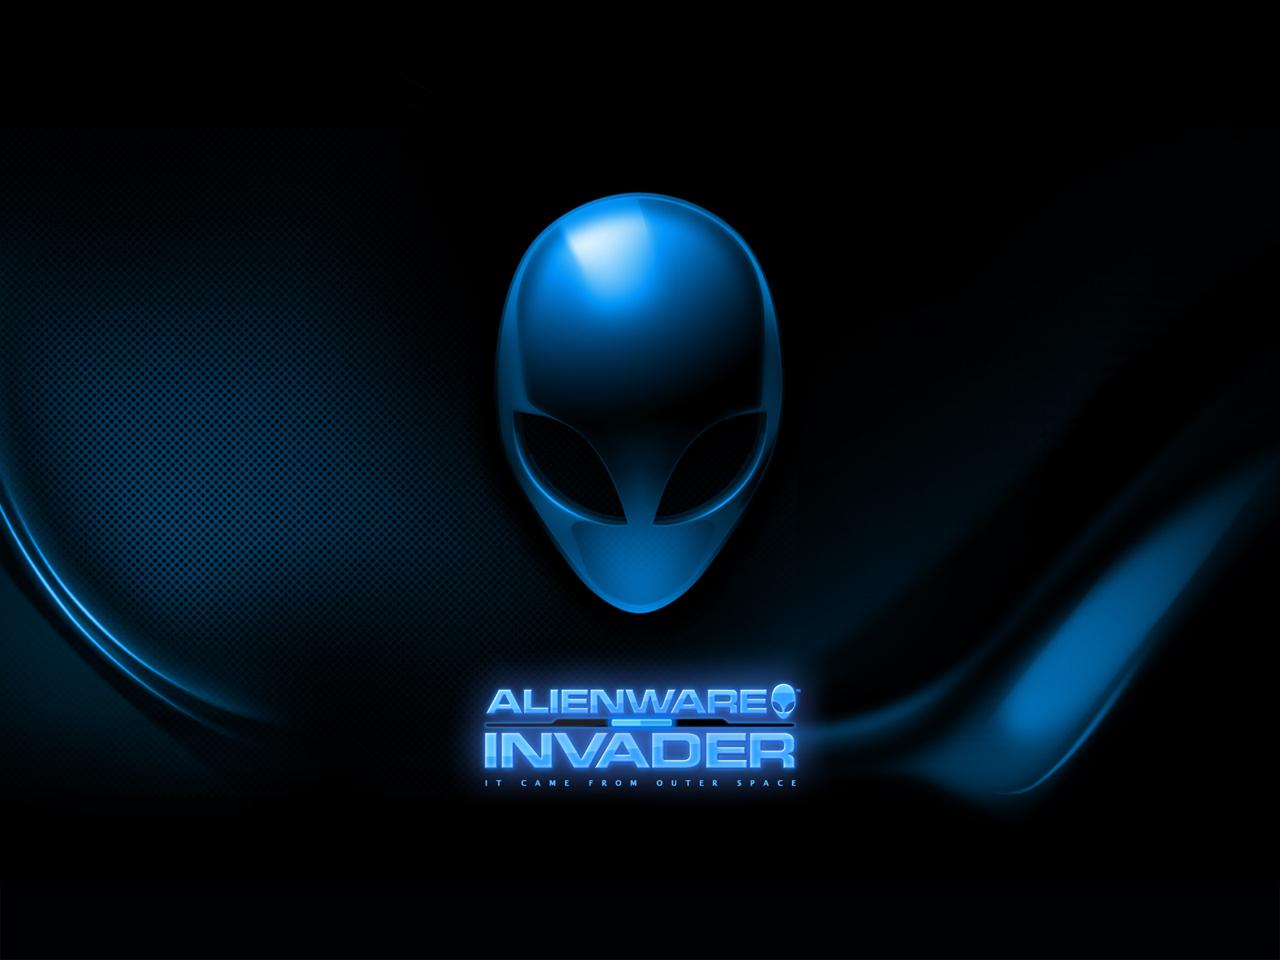 http://4.bp.blogspot.com/_Ump4ogbzqMc/TMsg8VsKFdI/AAAAAAAABCc/7hPLQhgchFQ/s1600/Alienware%2BInvader%2BWallpaper.jpg